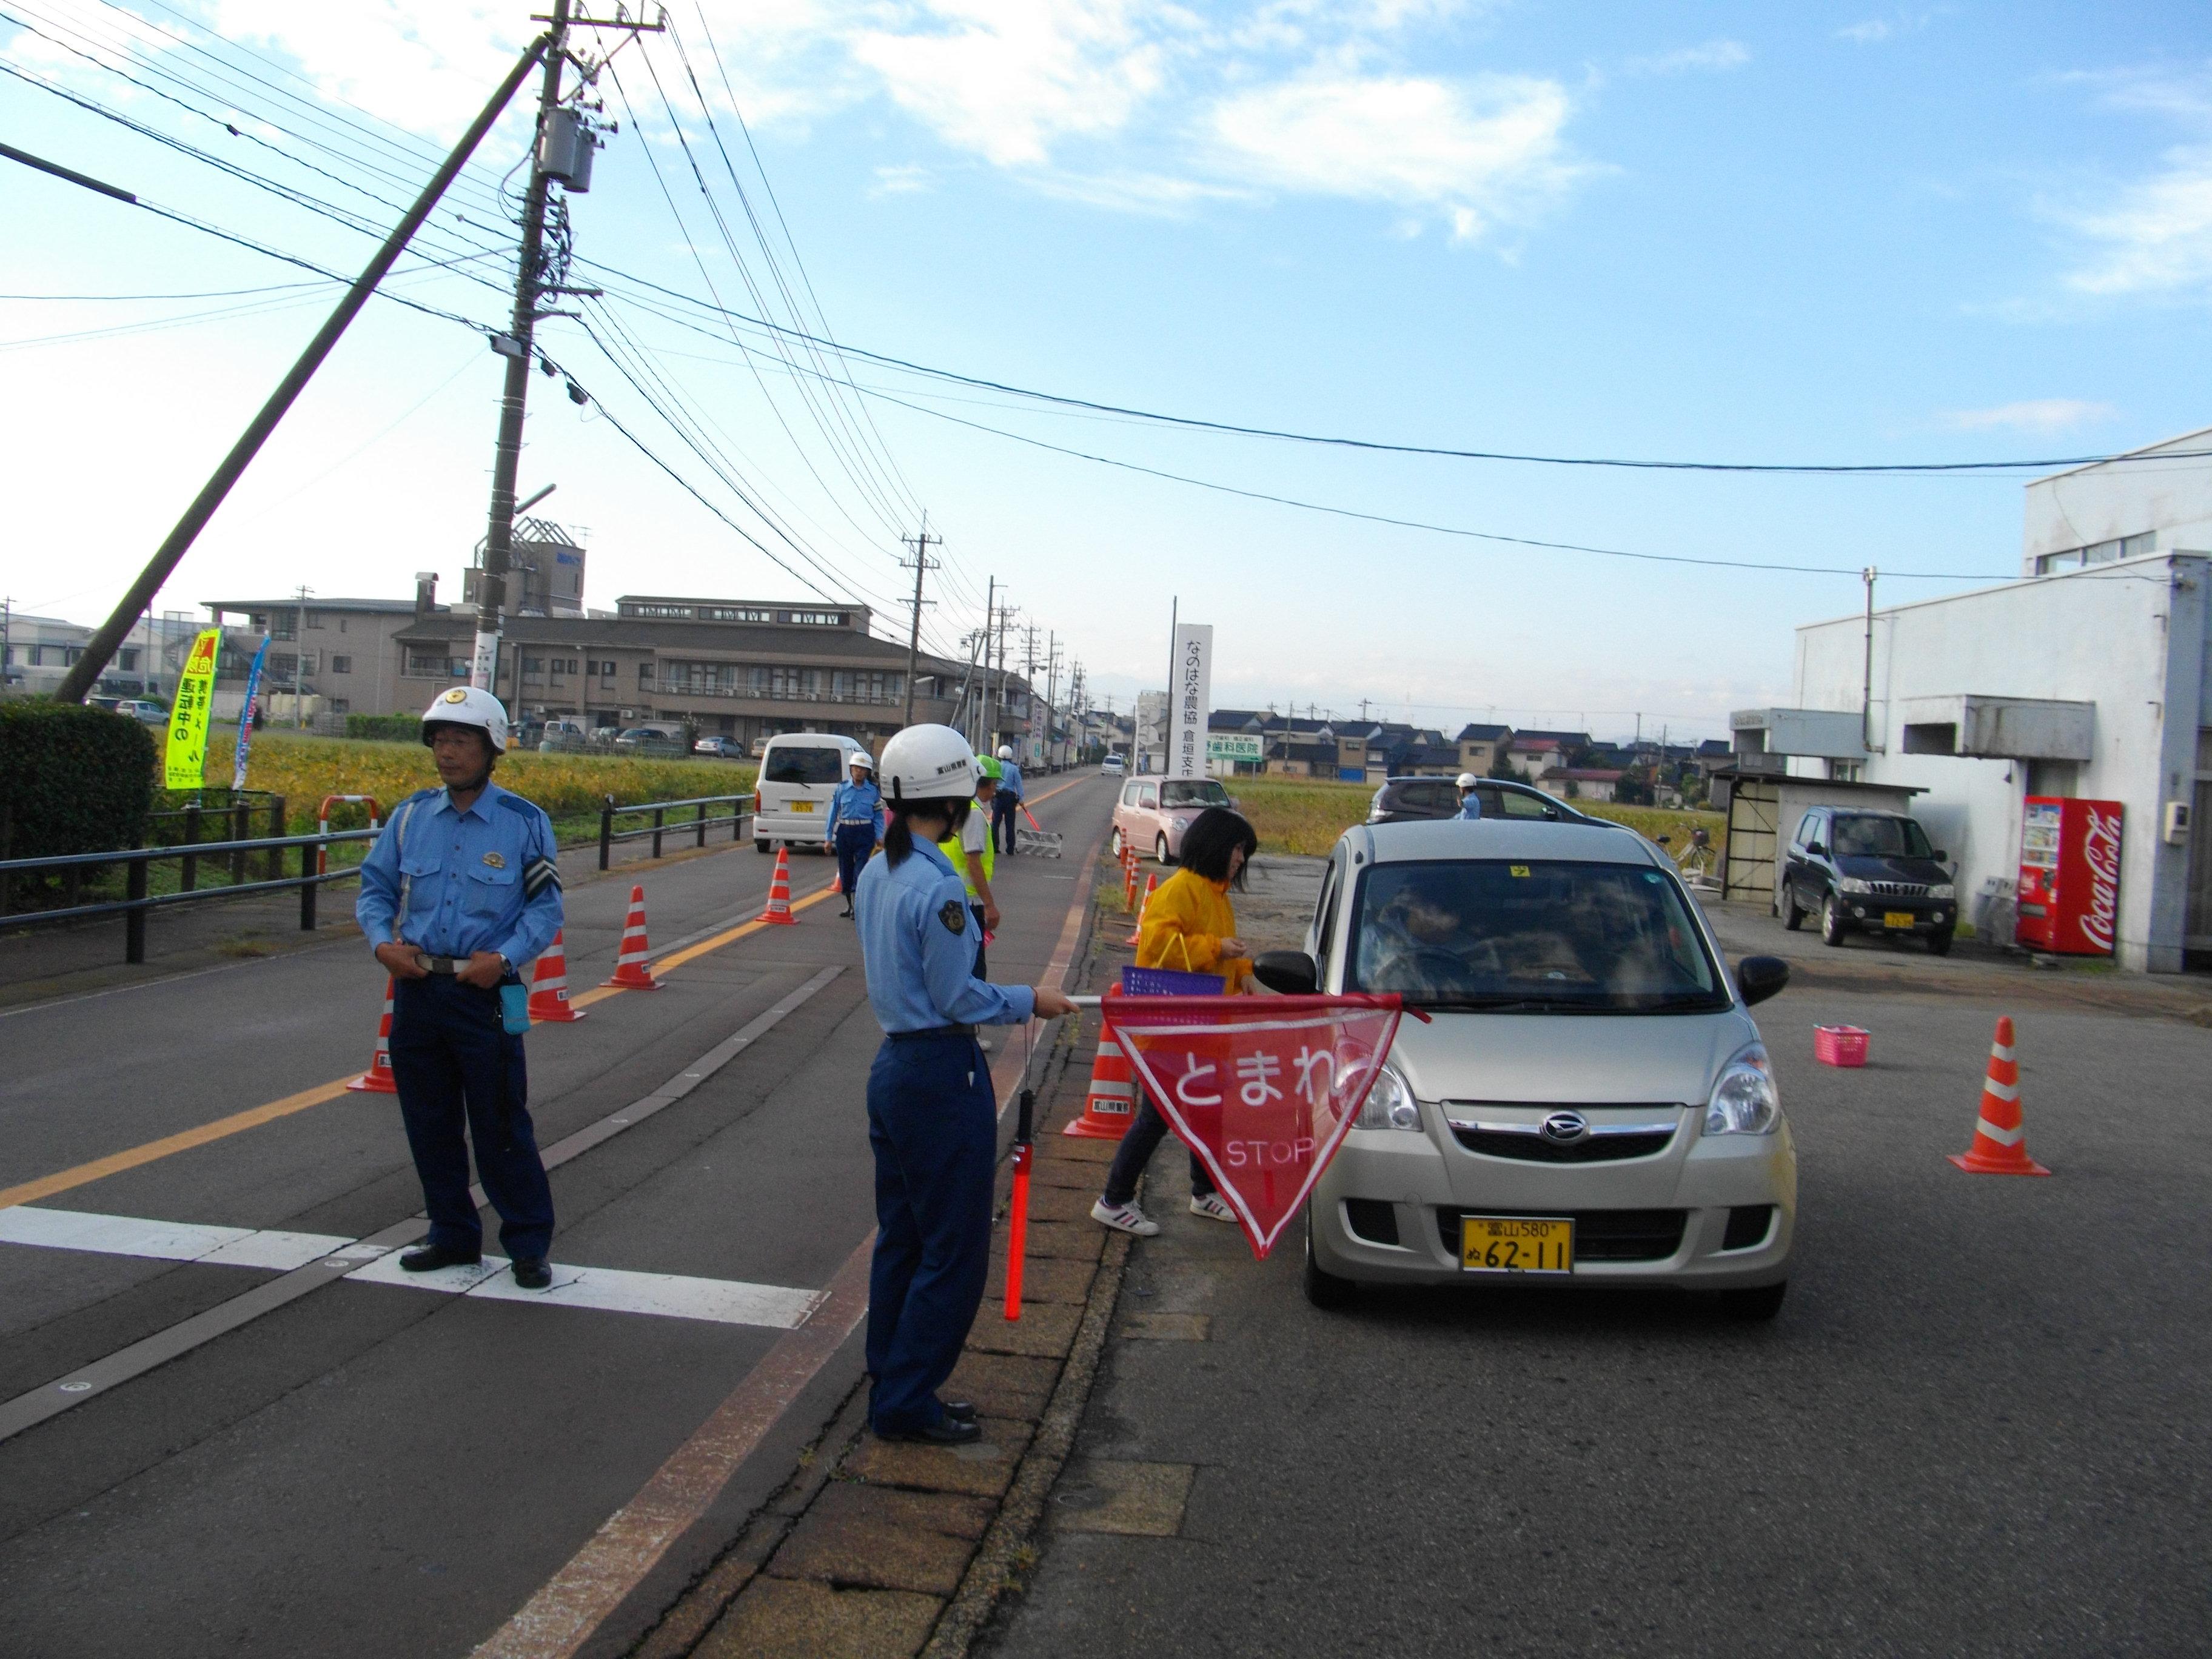 交通安全街頭キャンペーン(倉垣支部)